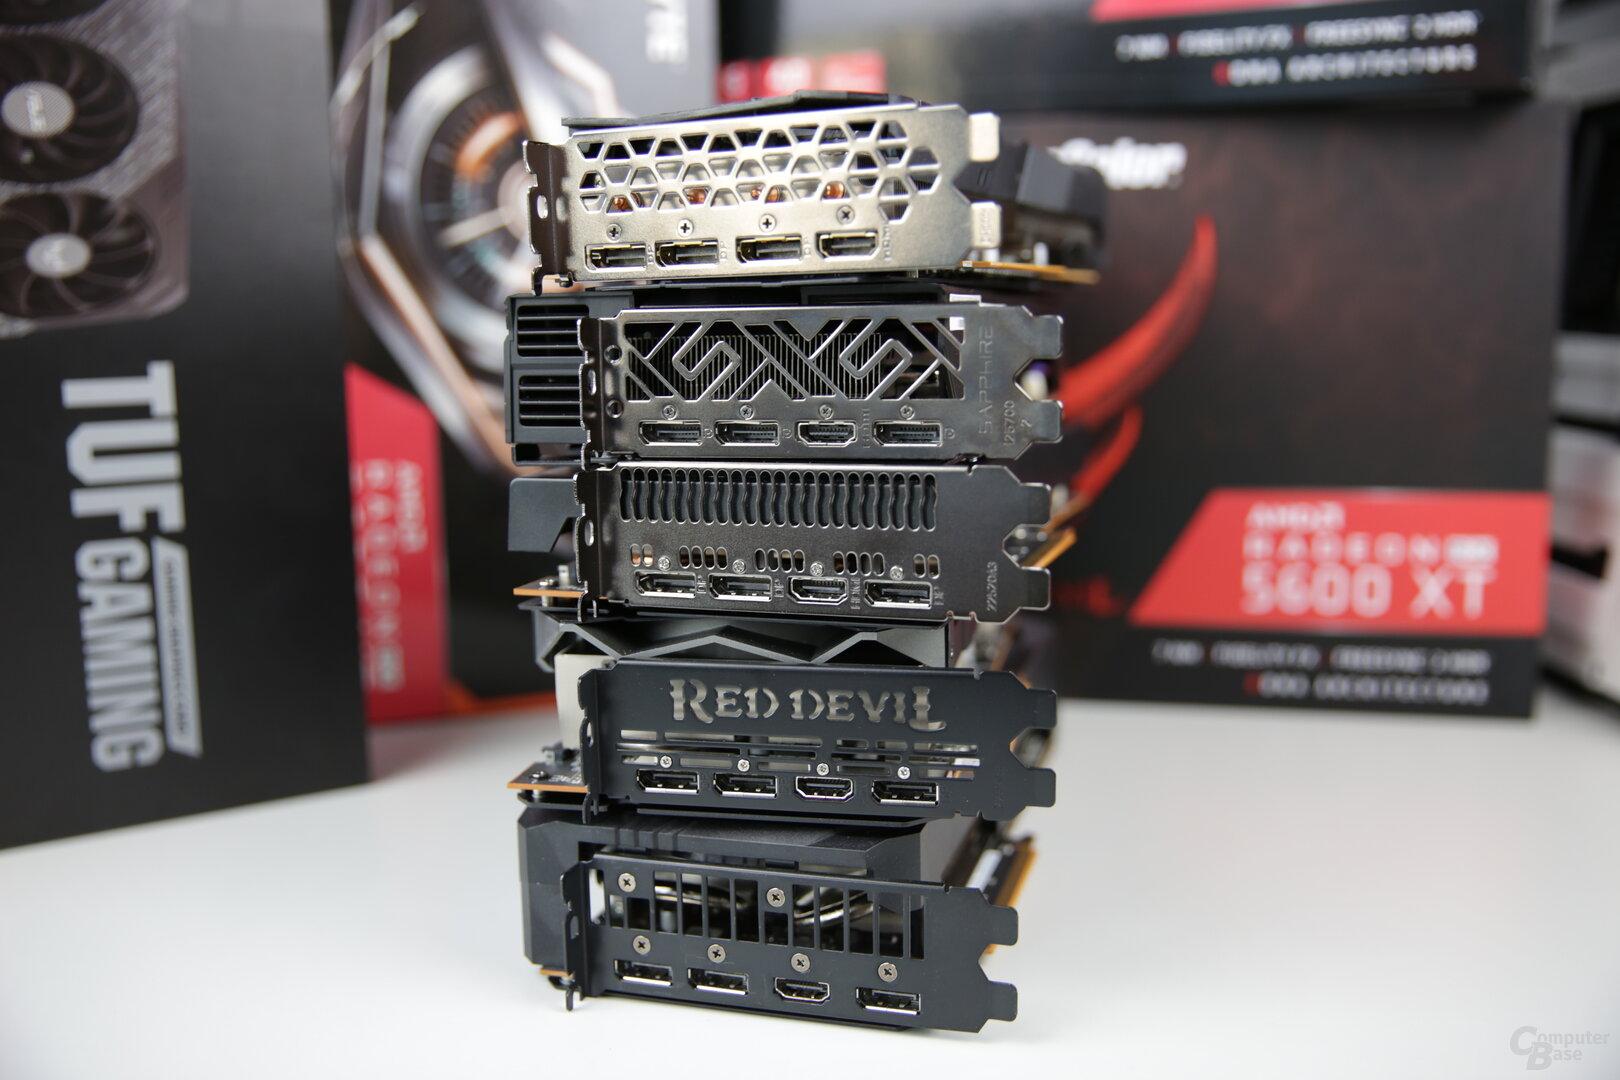 Einheitliche Monitoranschlüsse bei der RX 5600 XT